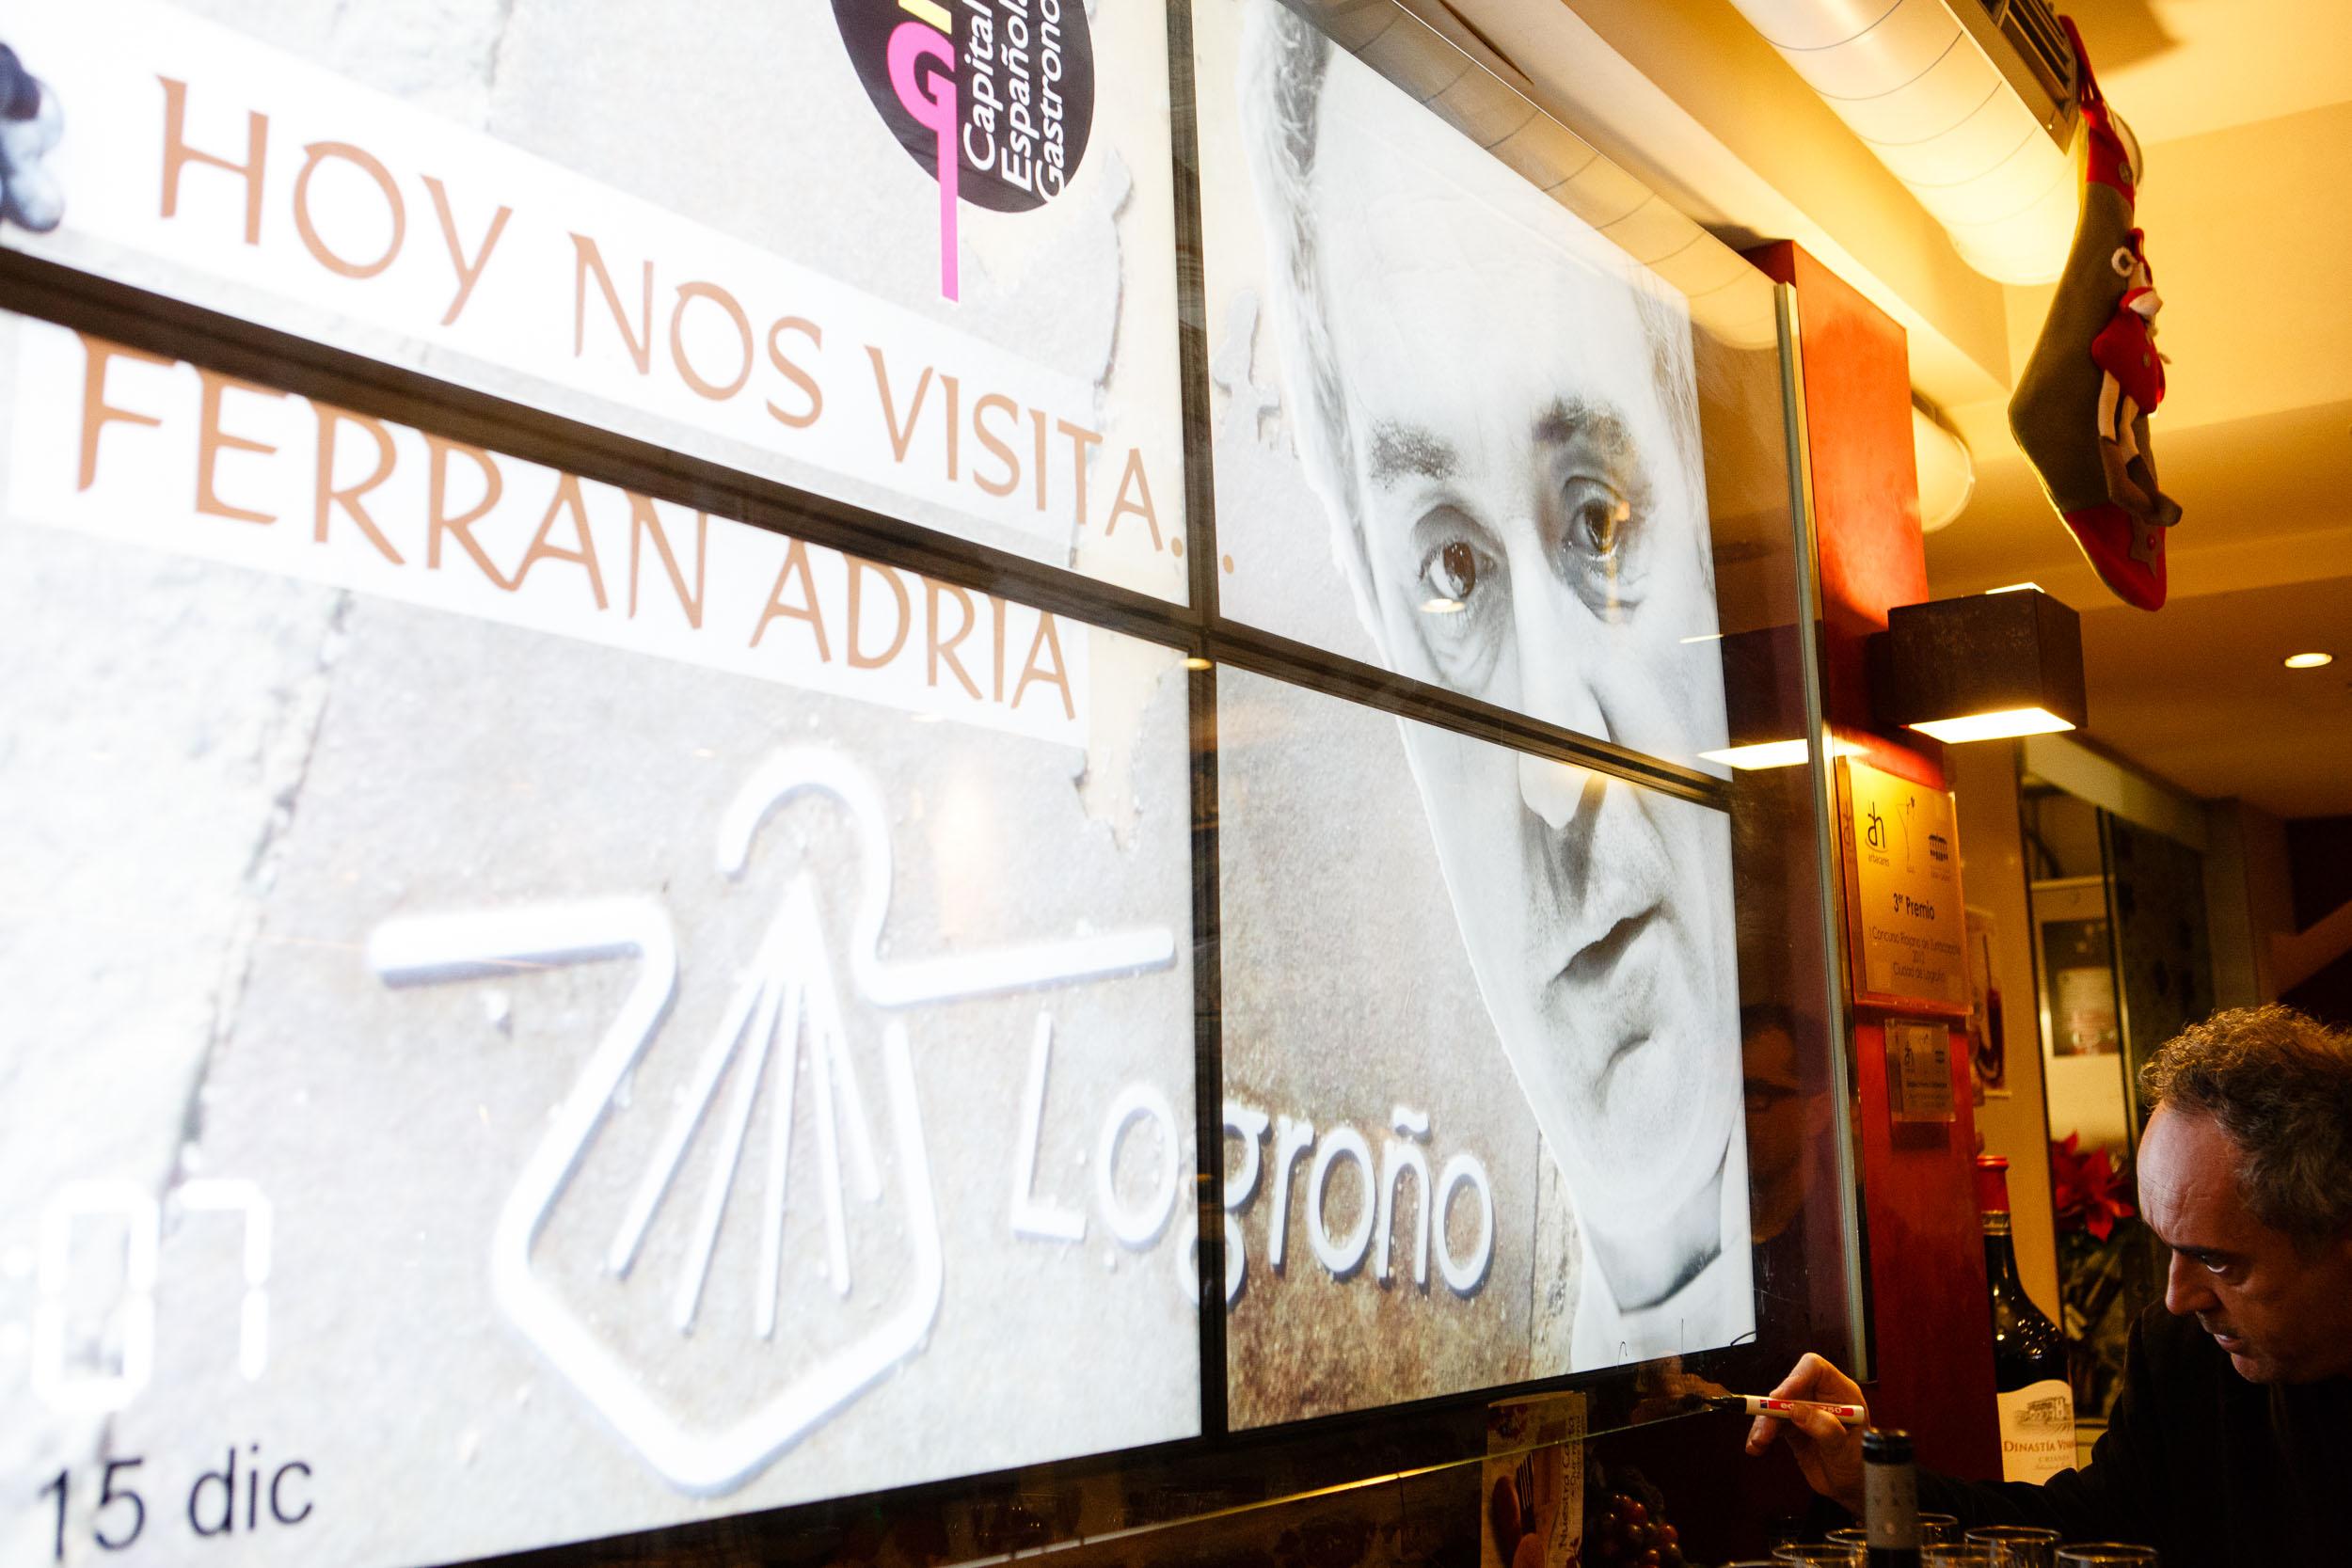 15/12/12 Ferran Adrià en La Taverna de Tío Blas, c/Laurel, Logroño, La Rioja. Foto por James Sturcke | www.sturcke.org